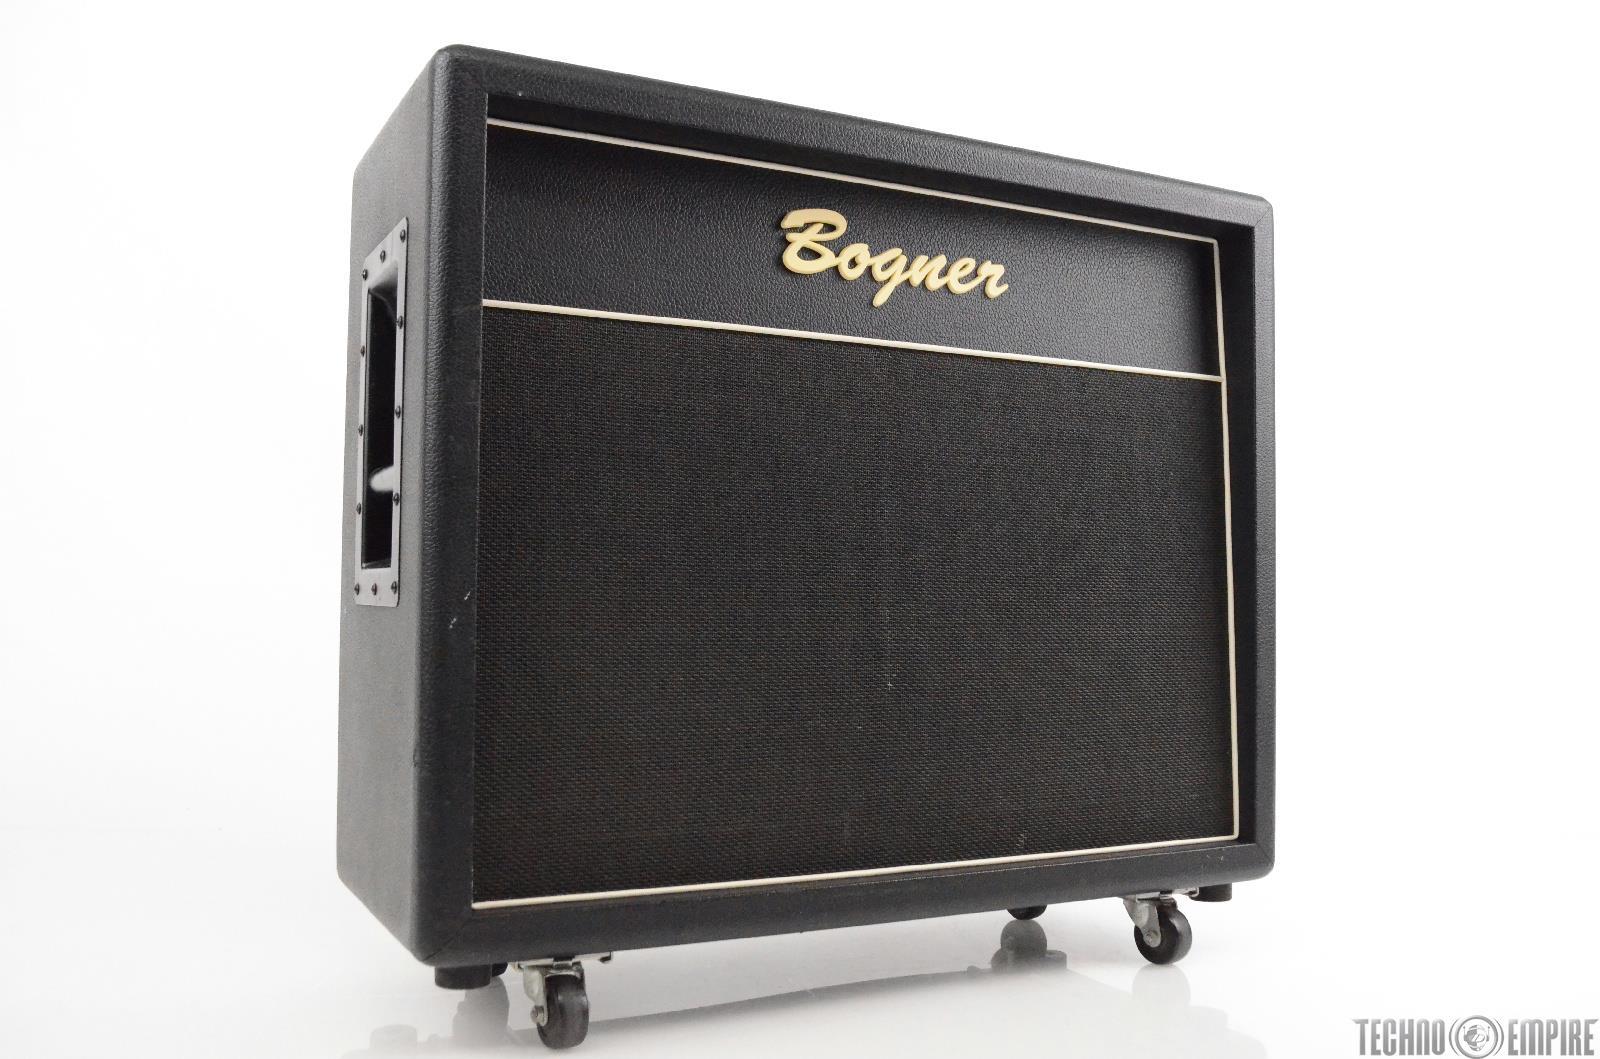 bogner 2x12 semi open back guitar speaker cabinet cab vintage 30 212 31193 ebay. Black Bedroom Furniture Sets. Home Design Ideas